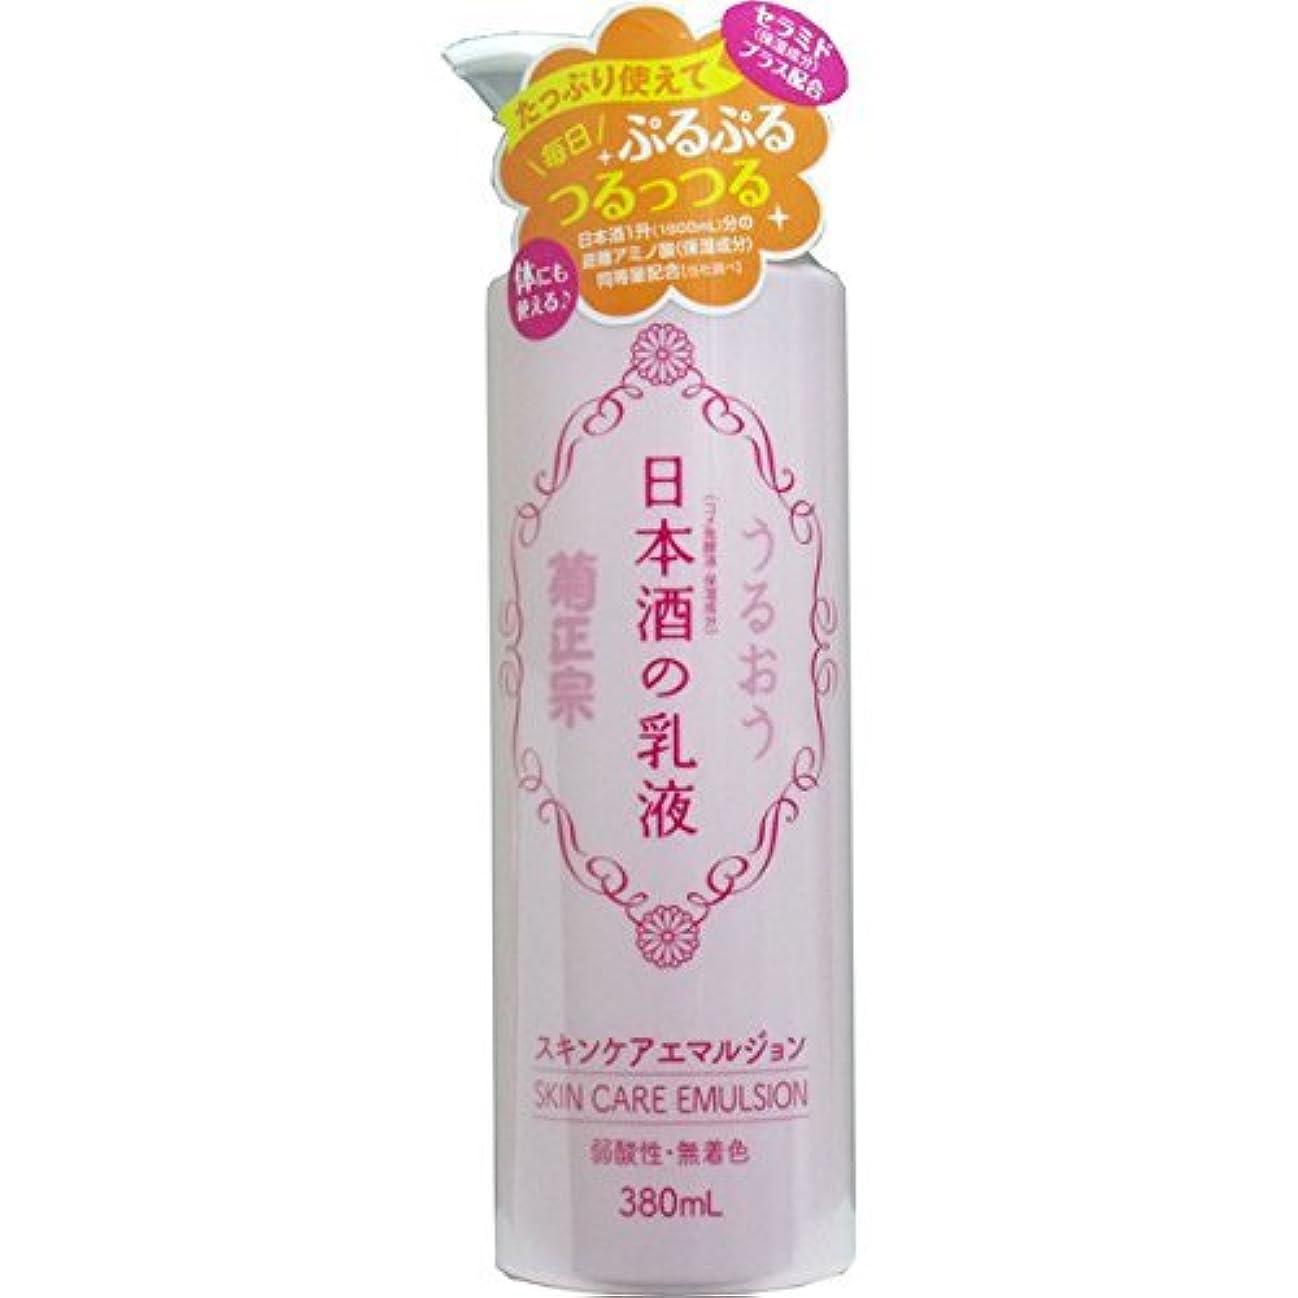 医薬バラバラにする敵対的菊正宗 日本酒の乳液 380ml ×10